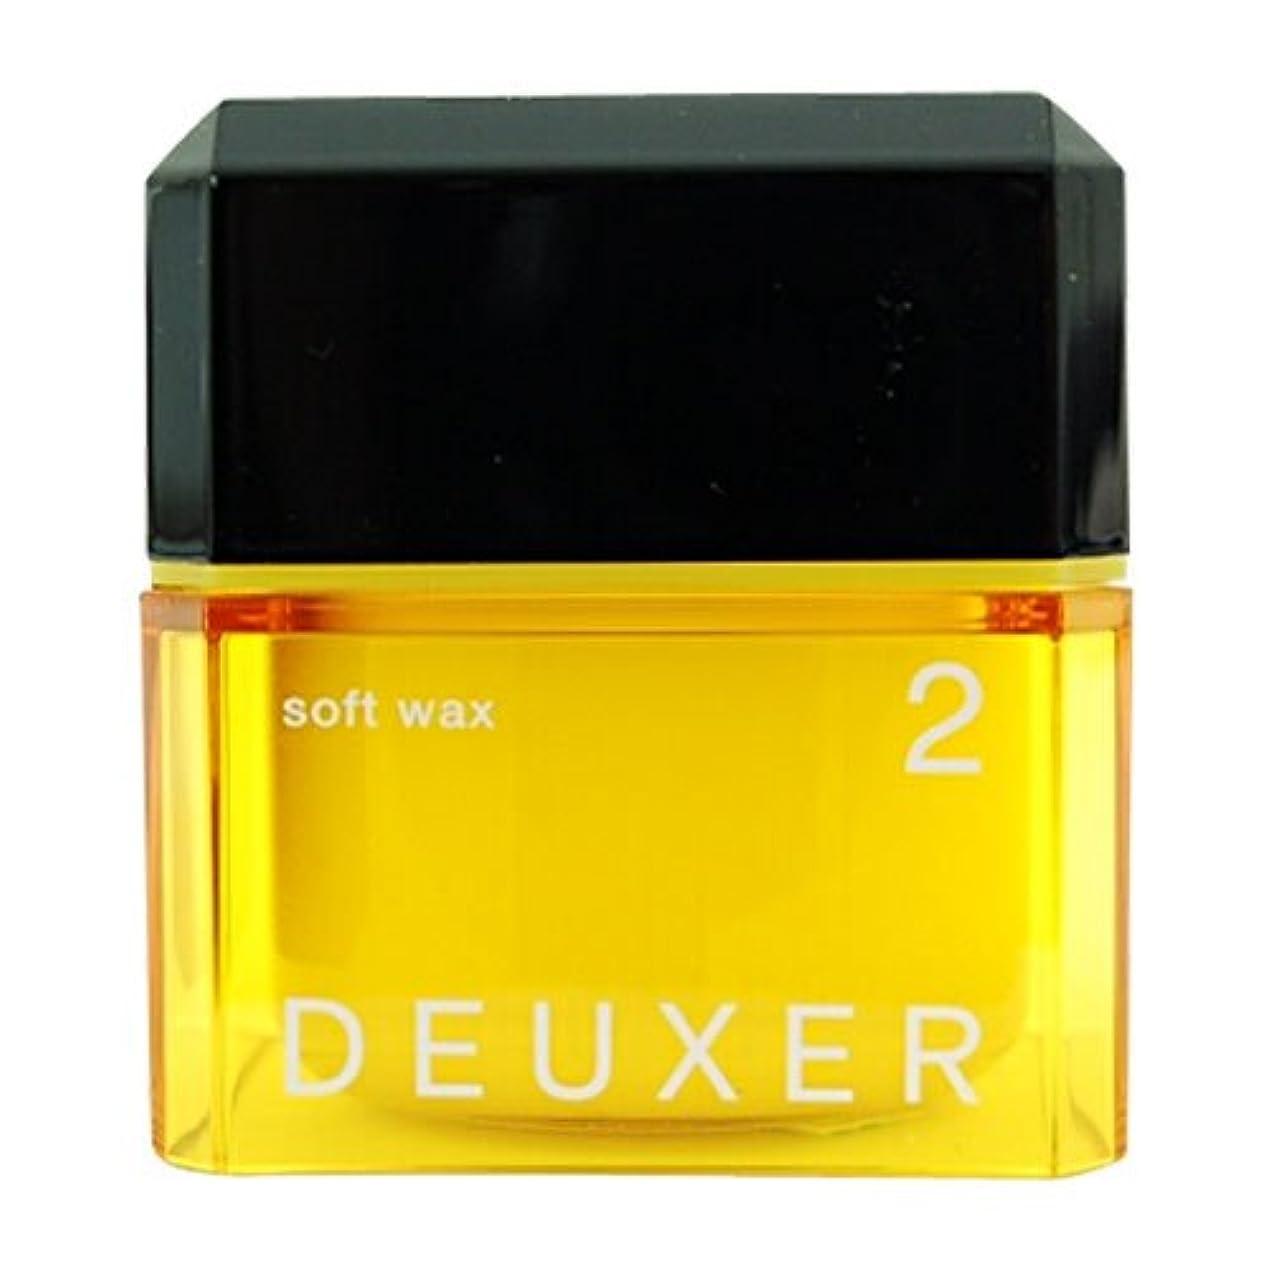 スリル浮浪者電気のナンバースリー DEUXER(デューサー) ソフトワックス 2 80g